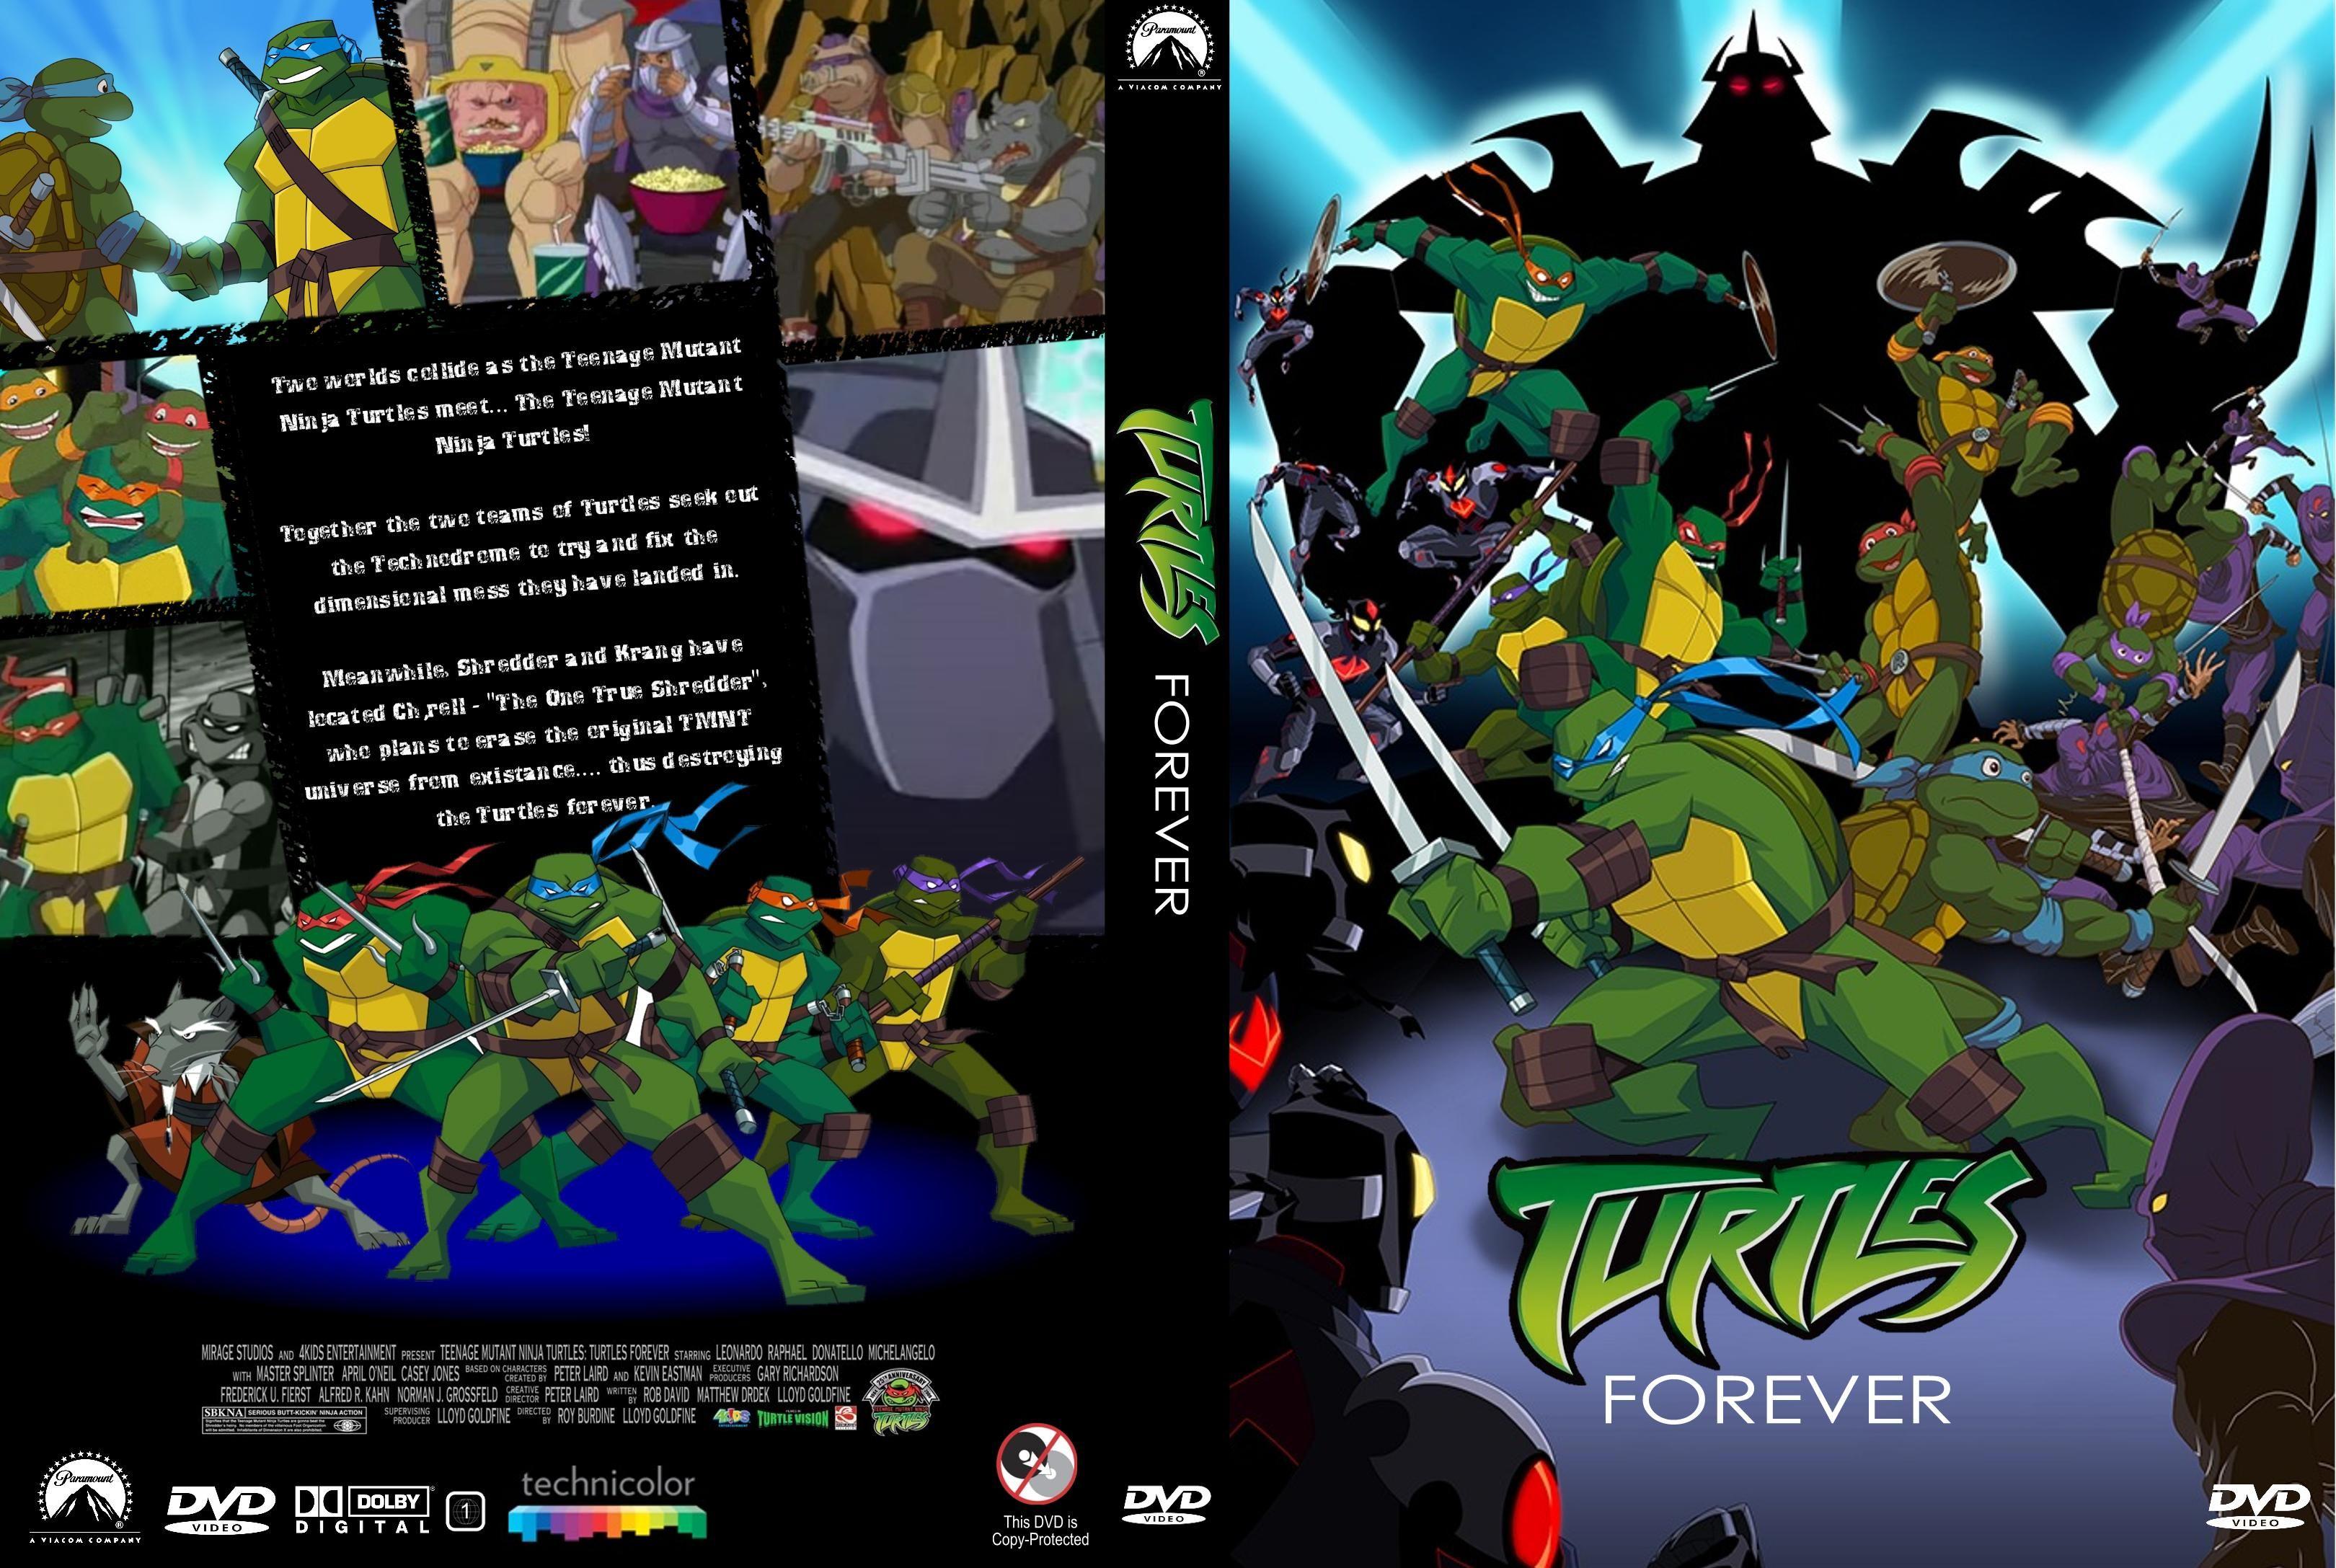 فلم التشويق والتحدي والمغامرات الرائع فيلم Turtles Forever سلاحف النينجا للأبد الآن على ستارديما مترجم عربي على أكثر من سيرفر G Anime Comic Book Cover Arcade